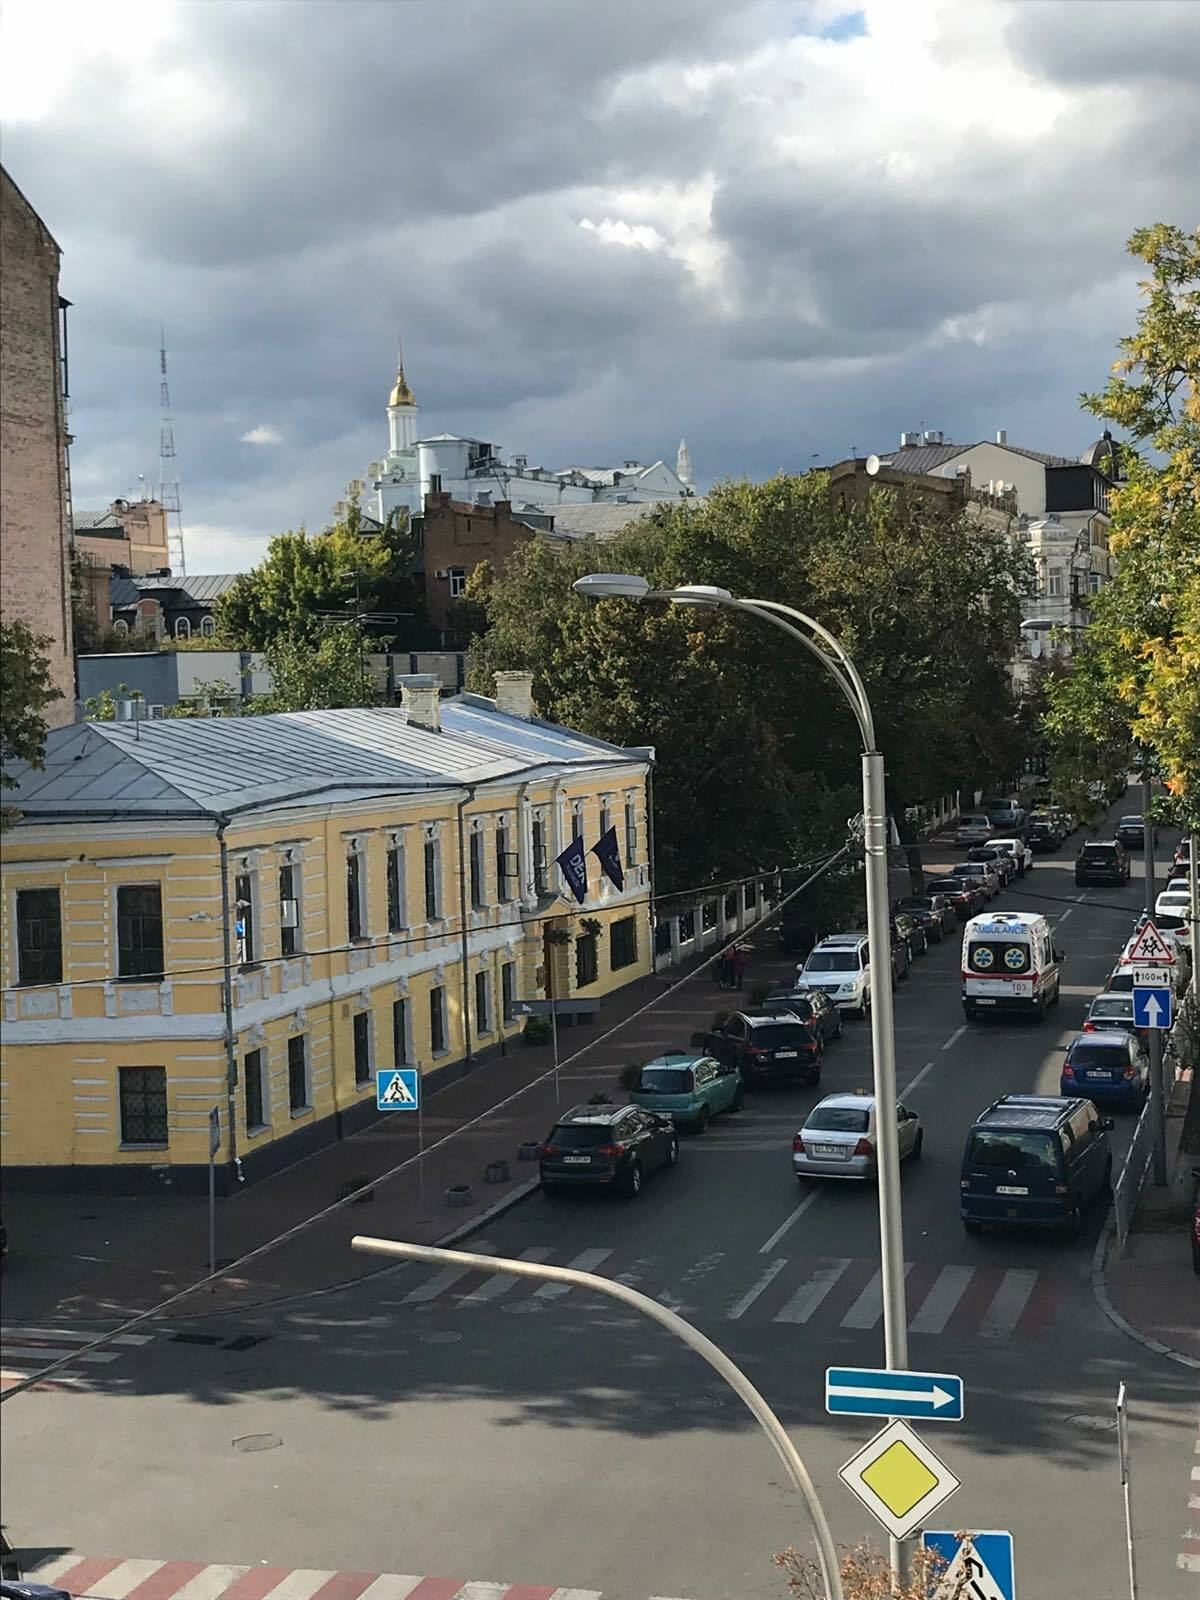 Сдам долгосрочно 2 к, г. Киев                               в р-не Подол возле м. <strong>Почтовая площадь</strong>                                  фото